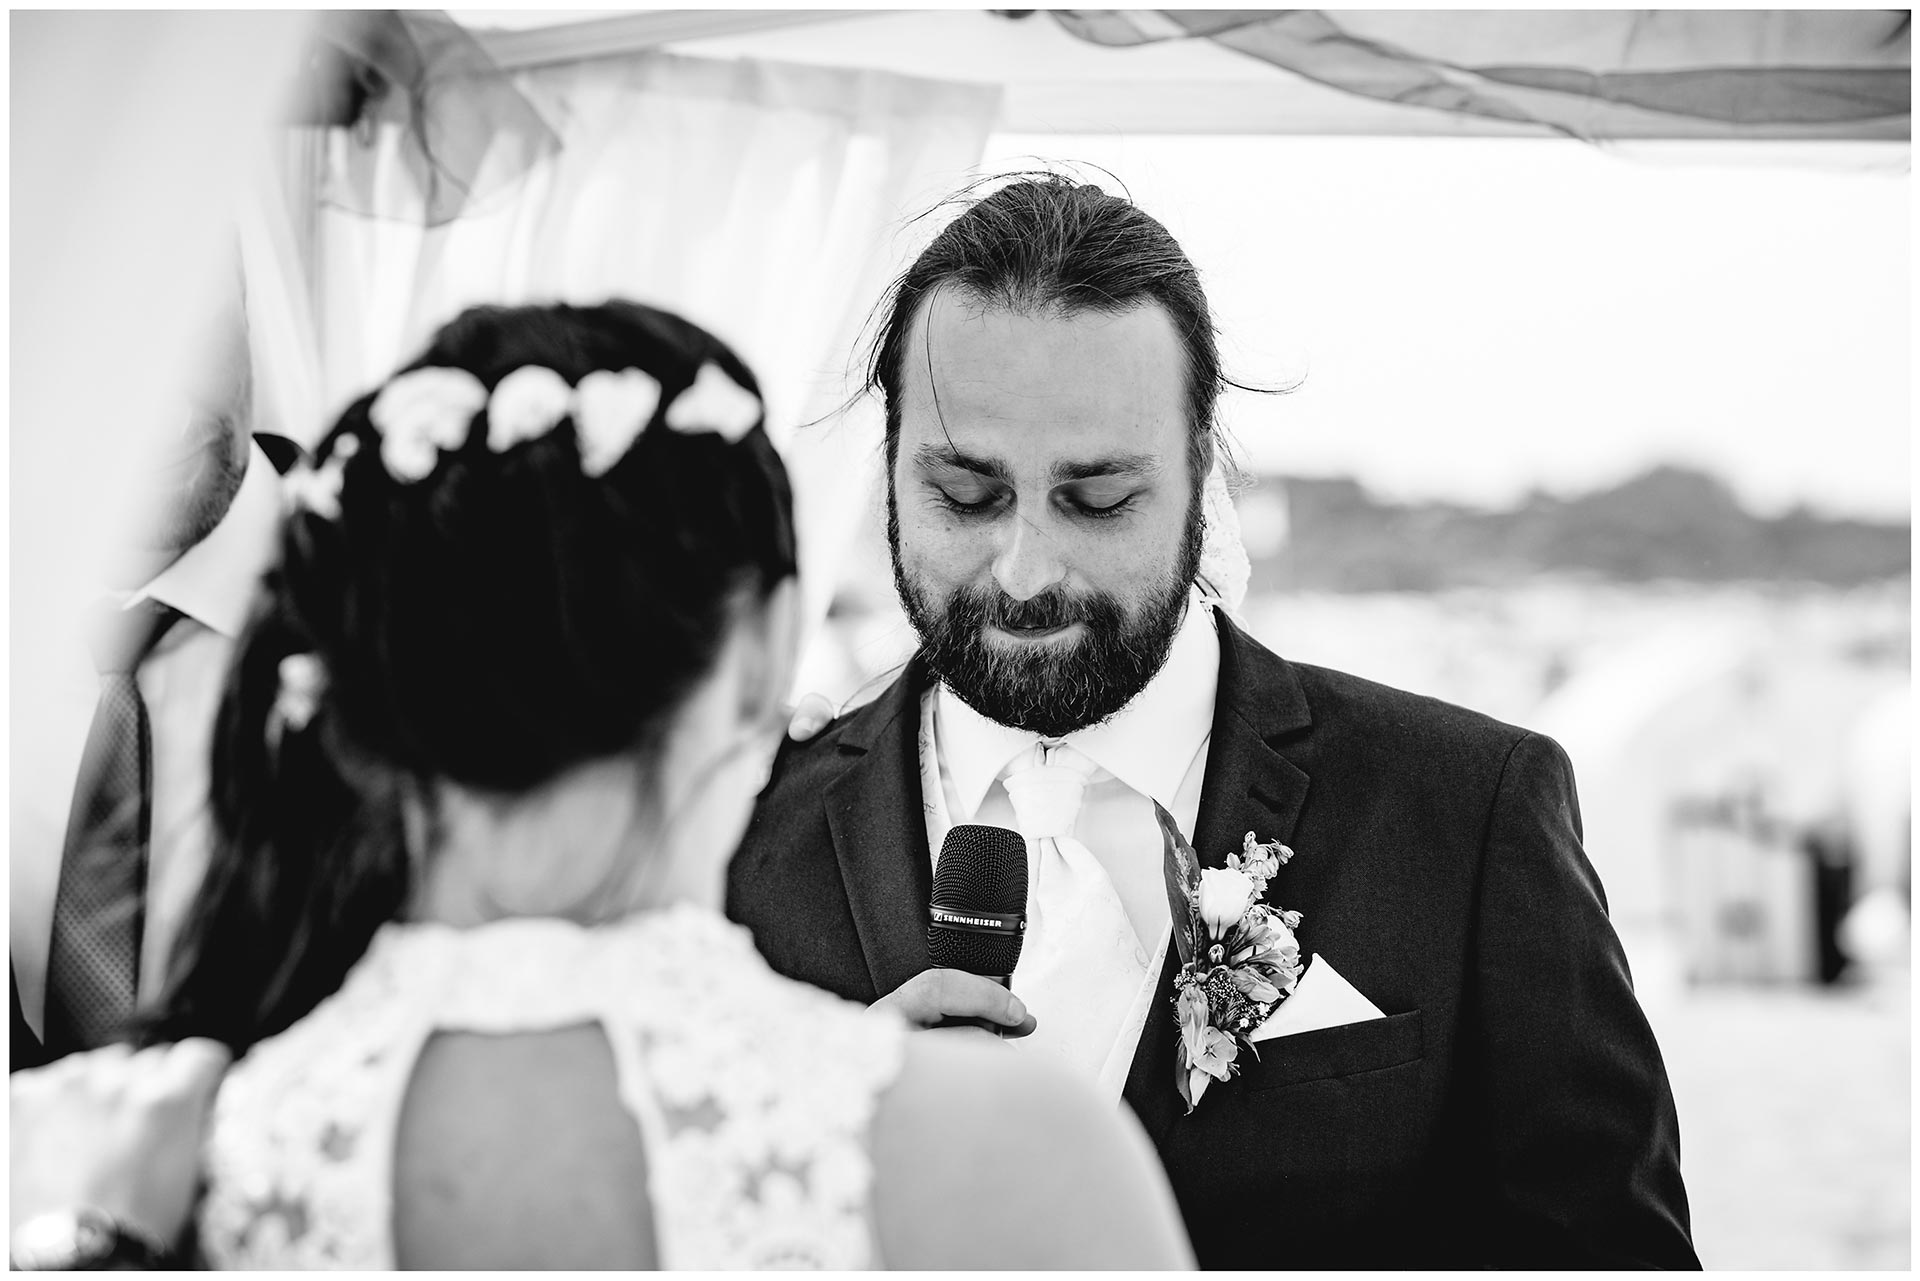 Braeutigam-liest-seiner-Frau-das-Eheversprechen-vor-Hochzeit-am-Strand-Hochzeitsfotograf-Warnemuende-Hochzeitsfotograf-Rostock-Hochzeitsfotograf-Ostseebad-Warnemuende